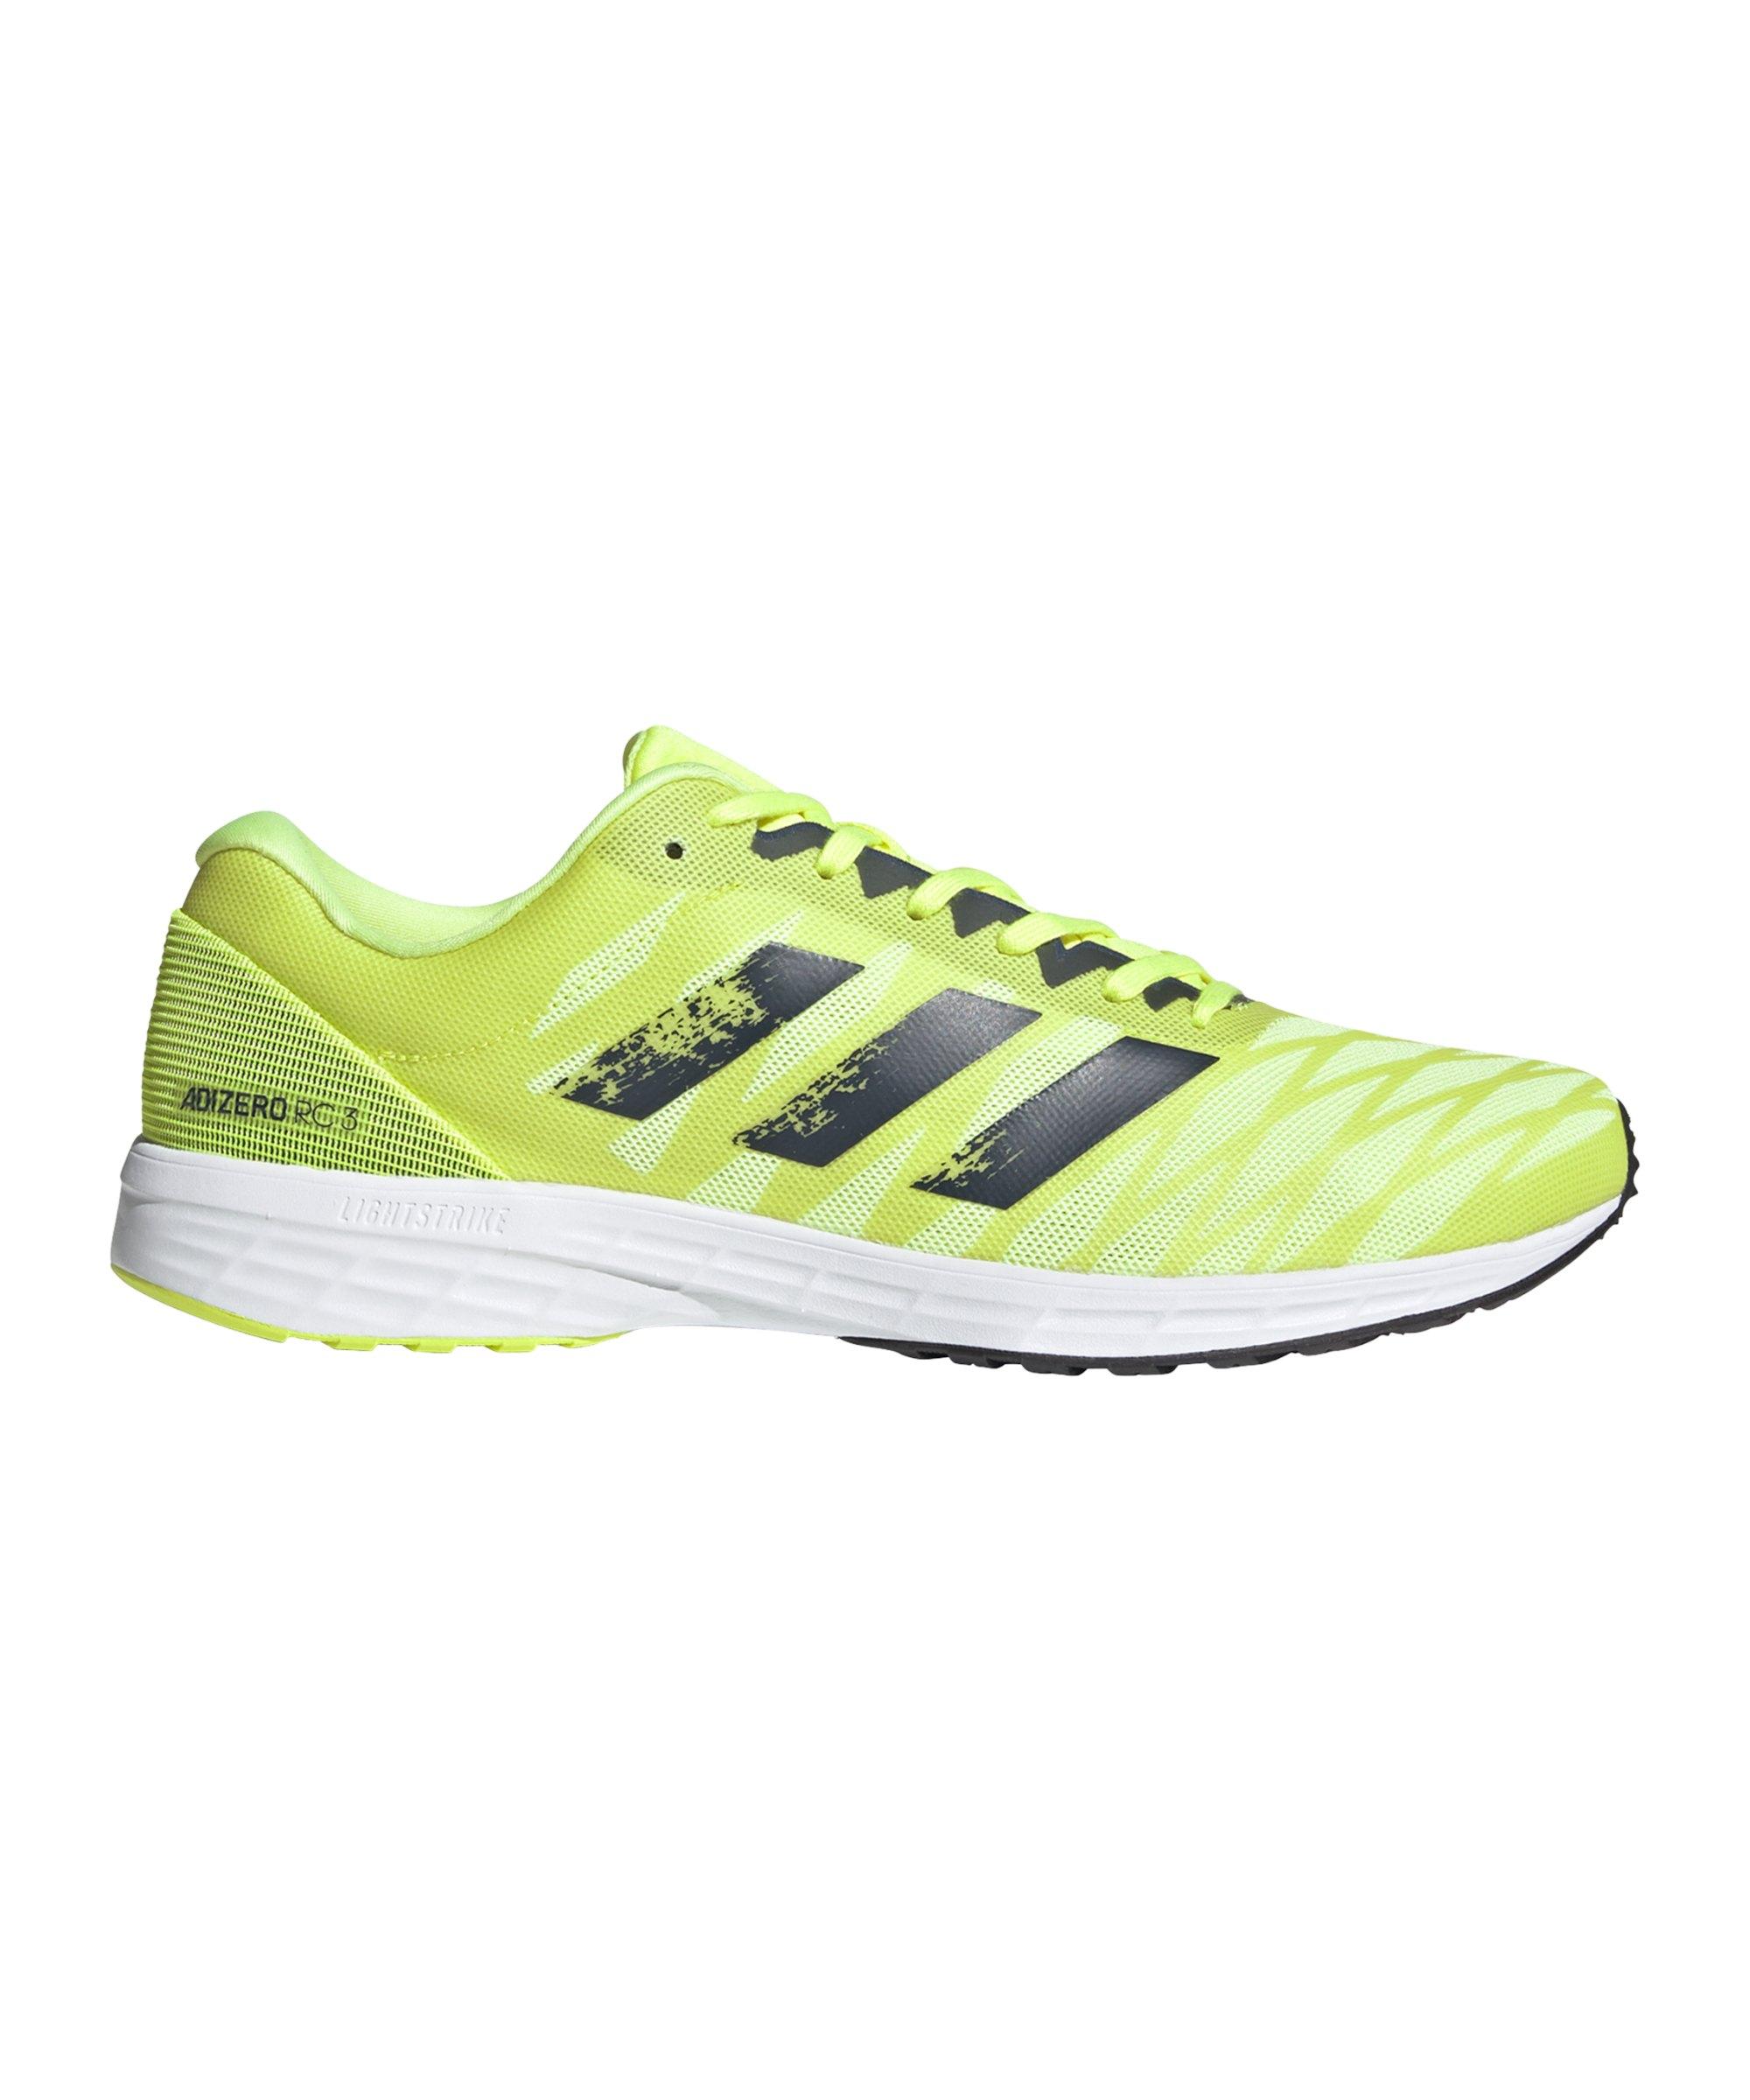 adidas Adizero RC 3 Gelb Grau - gelb